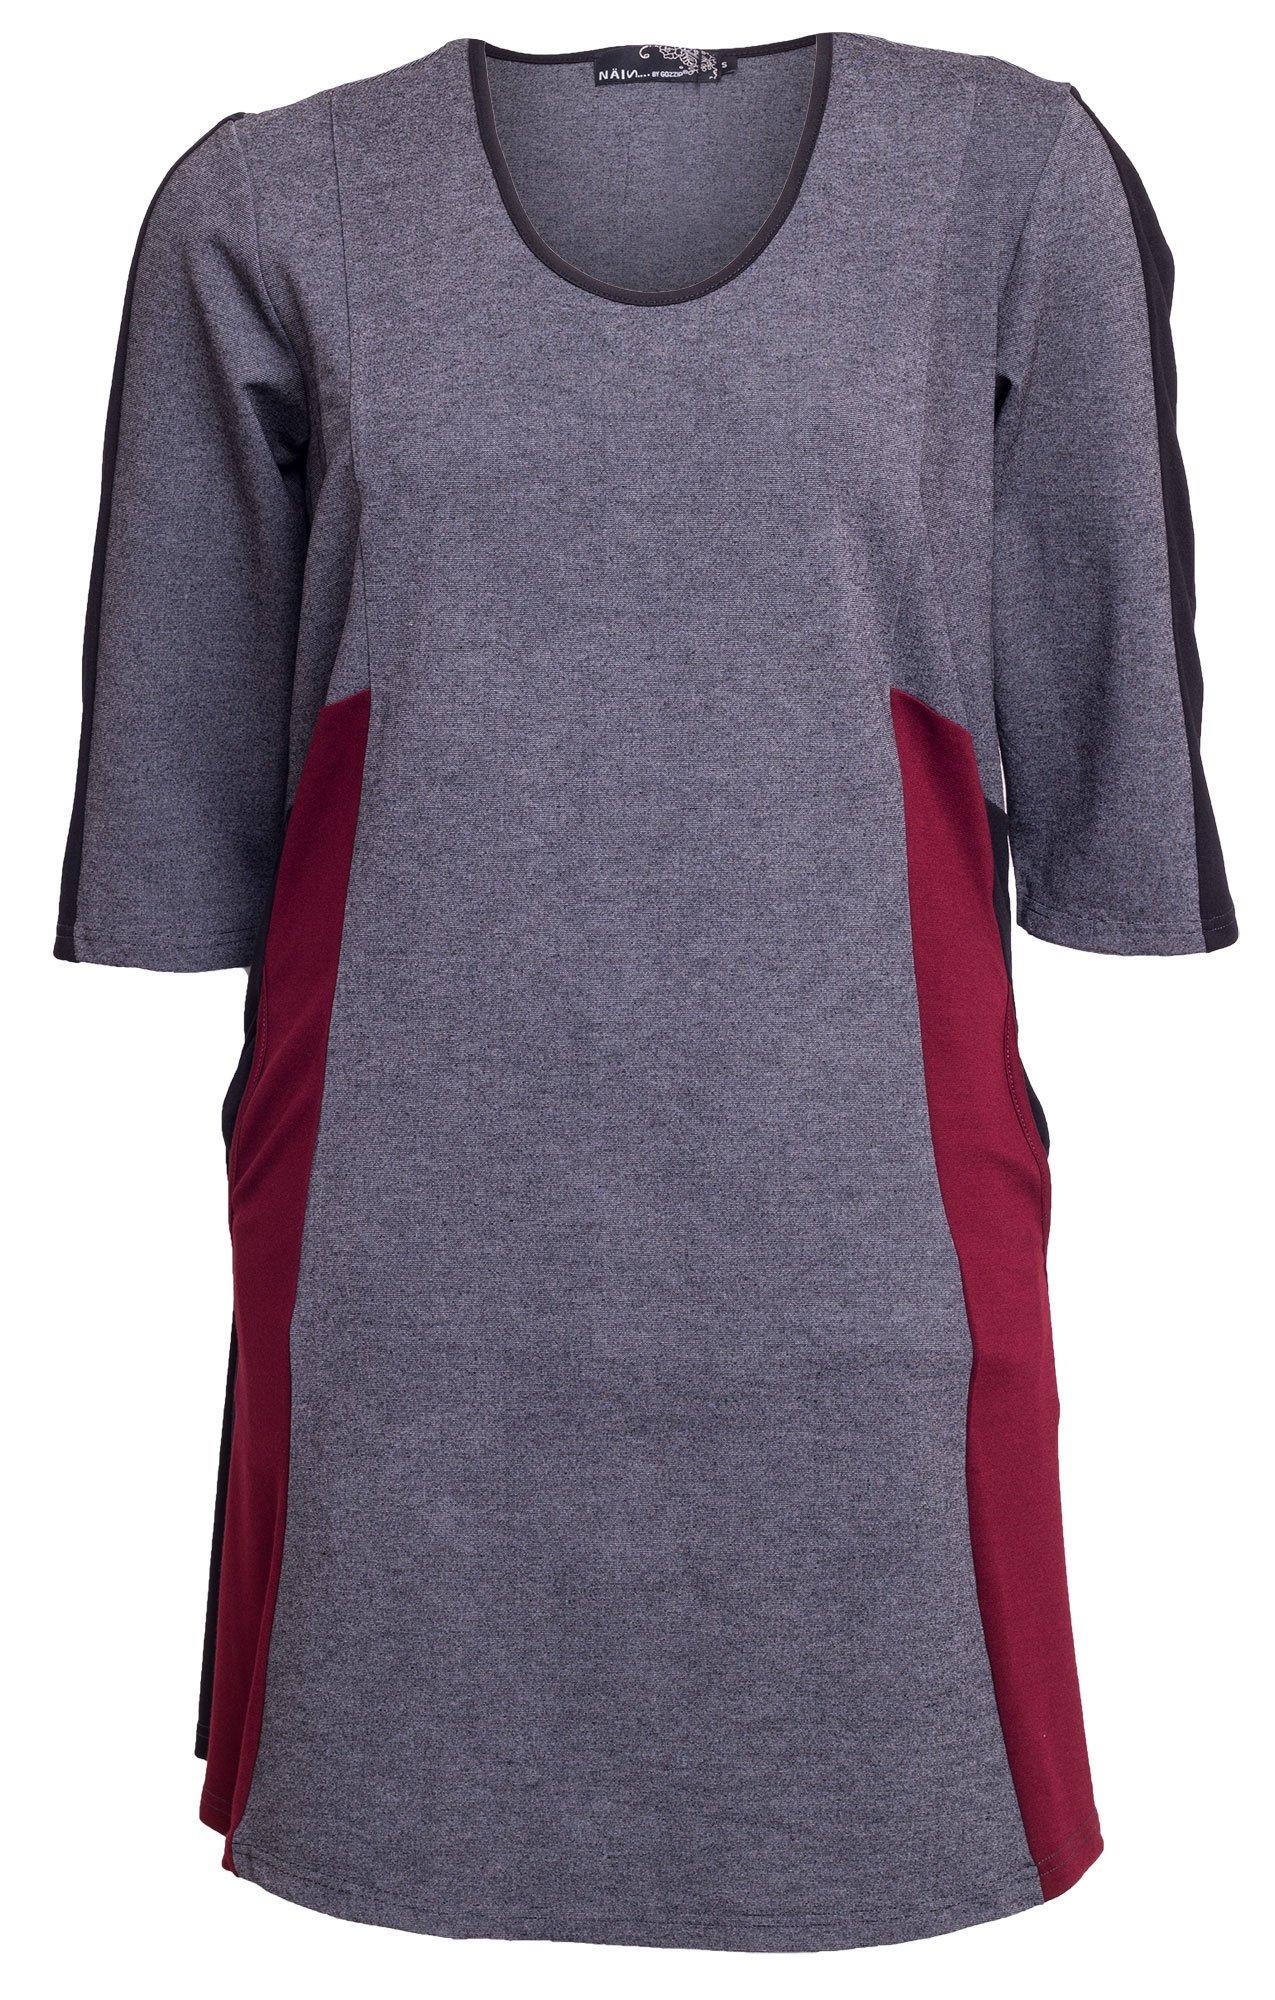 Grå kjole med sorte og røde detaljer og 3/4 ærmer